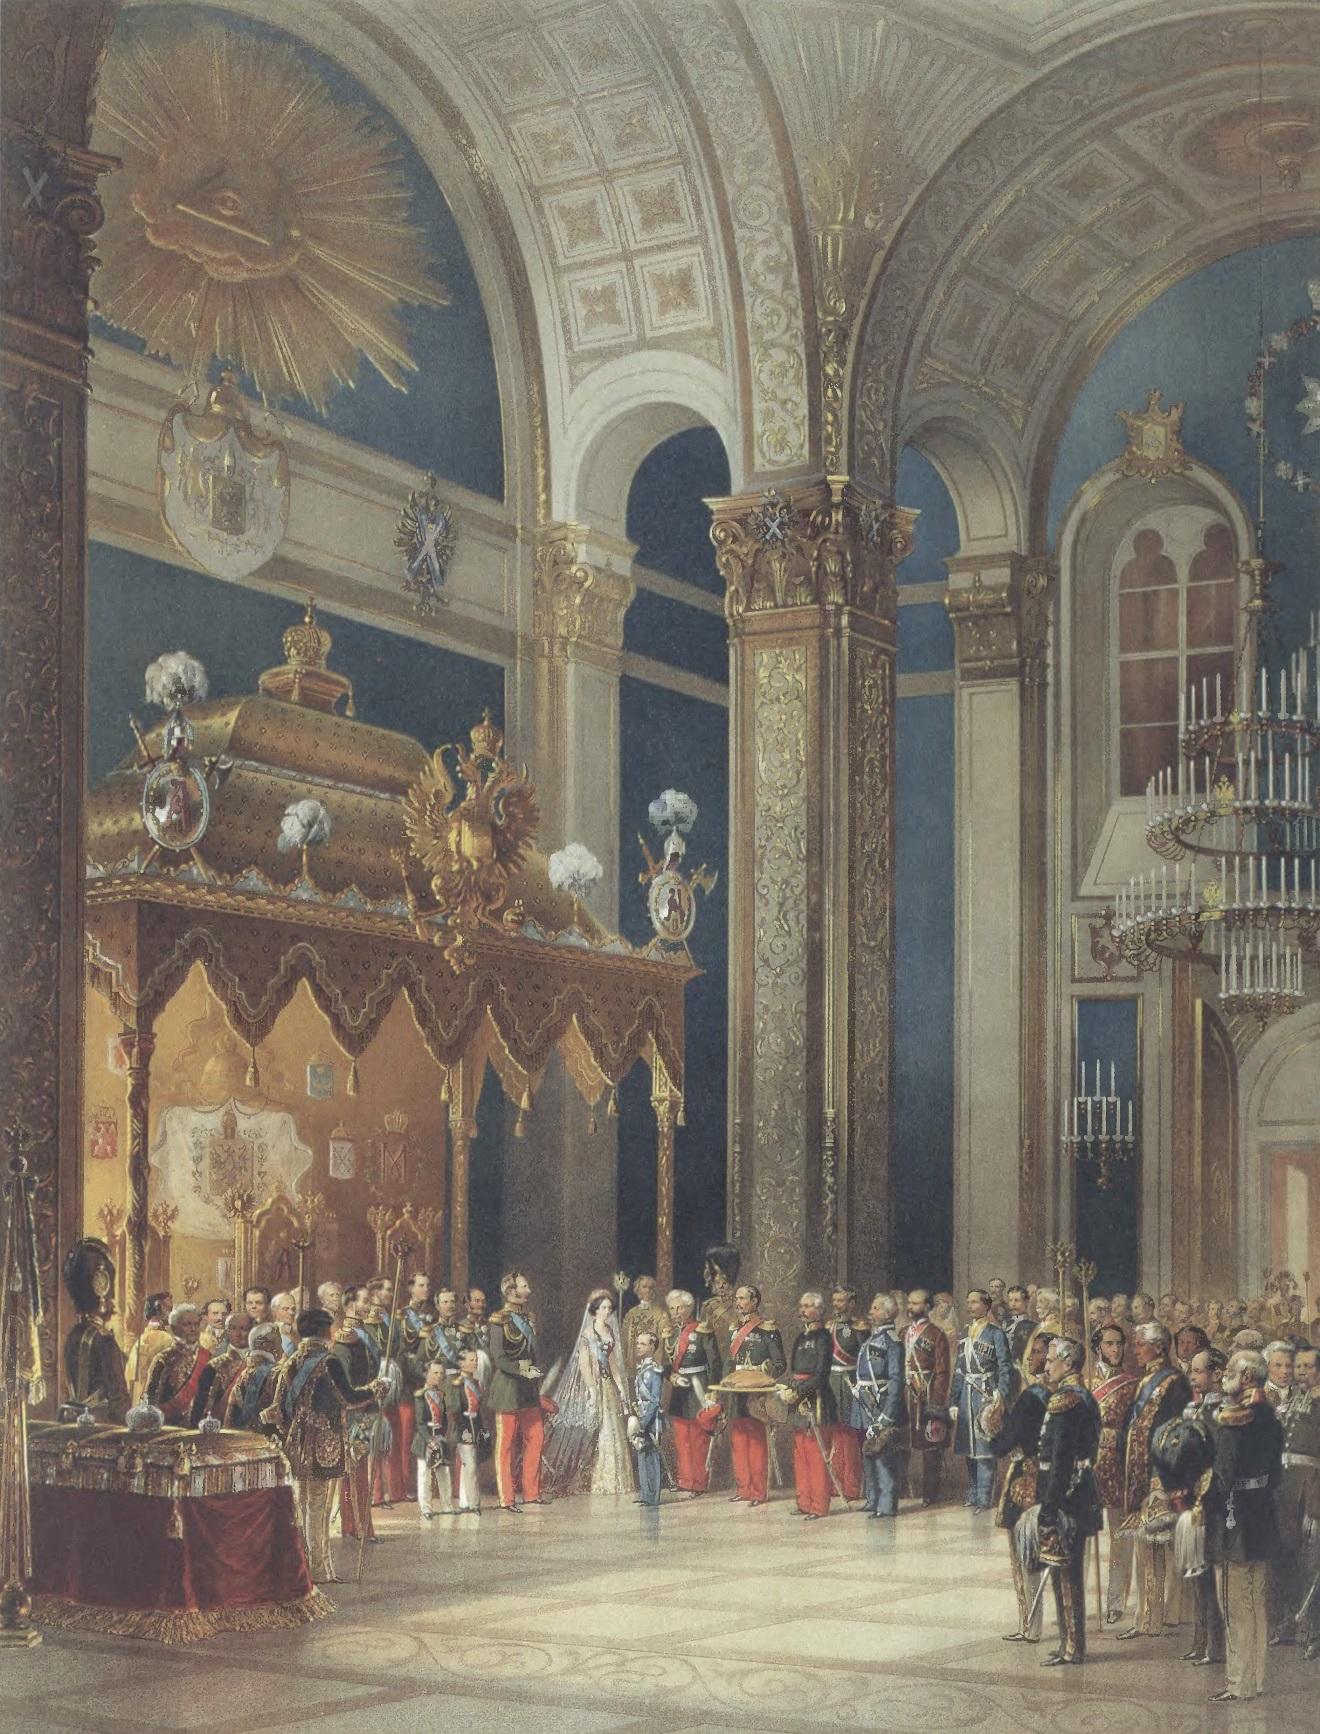 ВАСИЛИЙ ТИММ. Поздравление, приносимое казачьим войском Александру II в Успенском соборе. Холст, масло